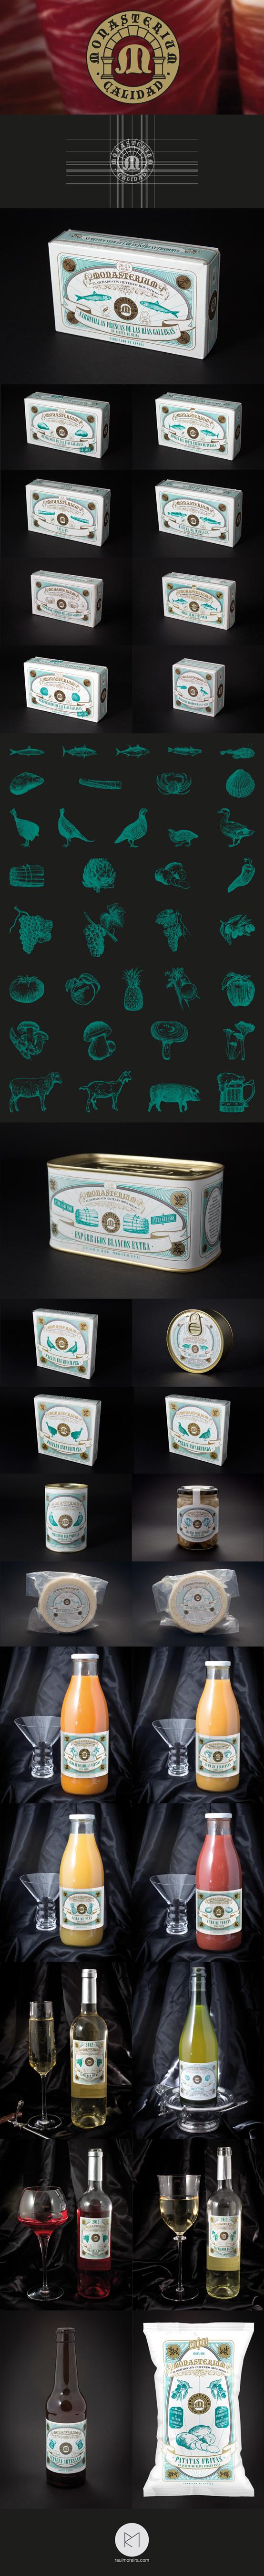 Monasterium - productos gourmet